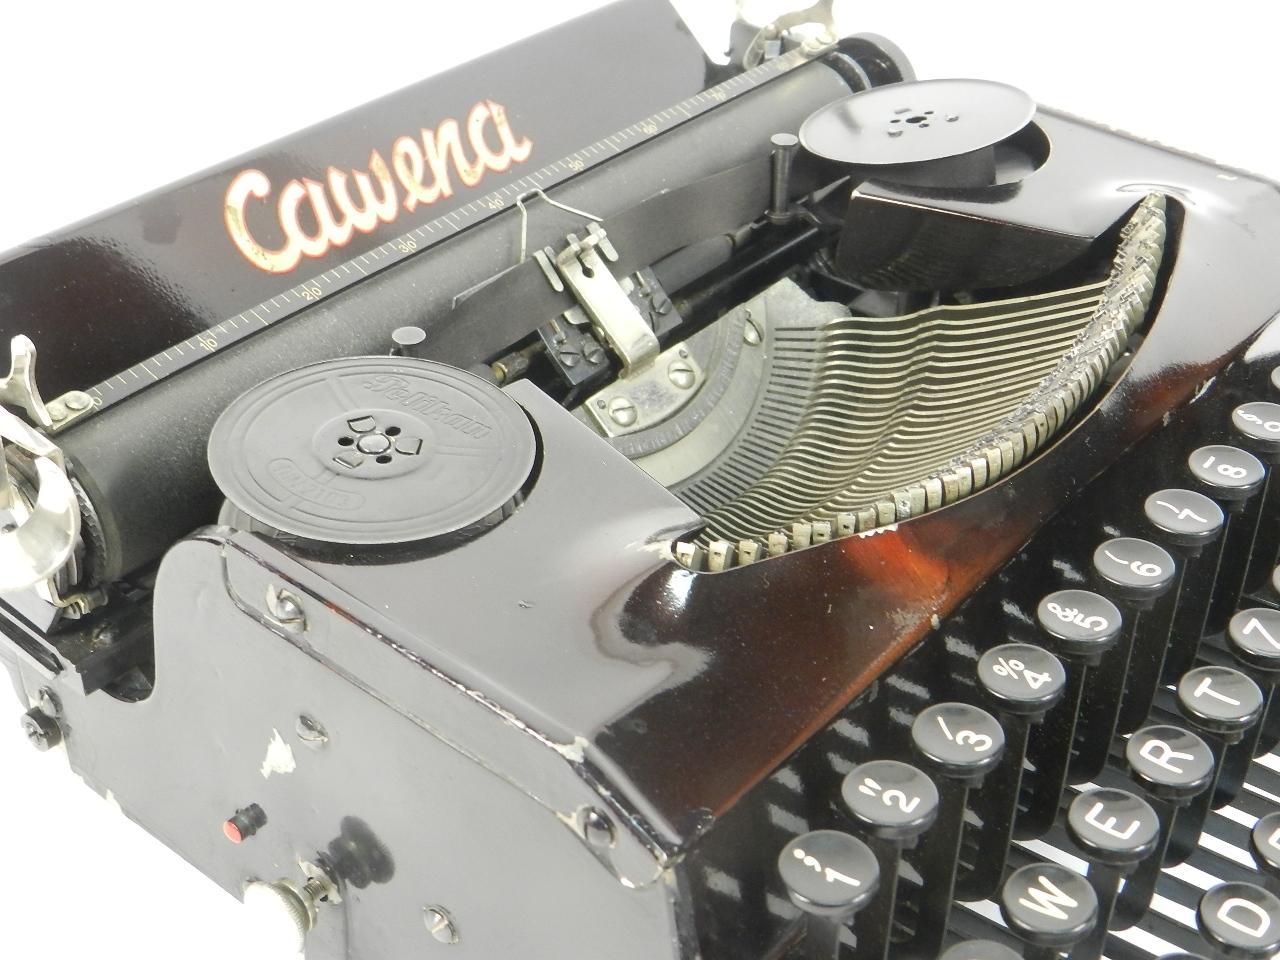 Imagen RARA CAWENA (G&O)  AÑO 1939 42177